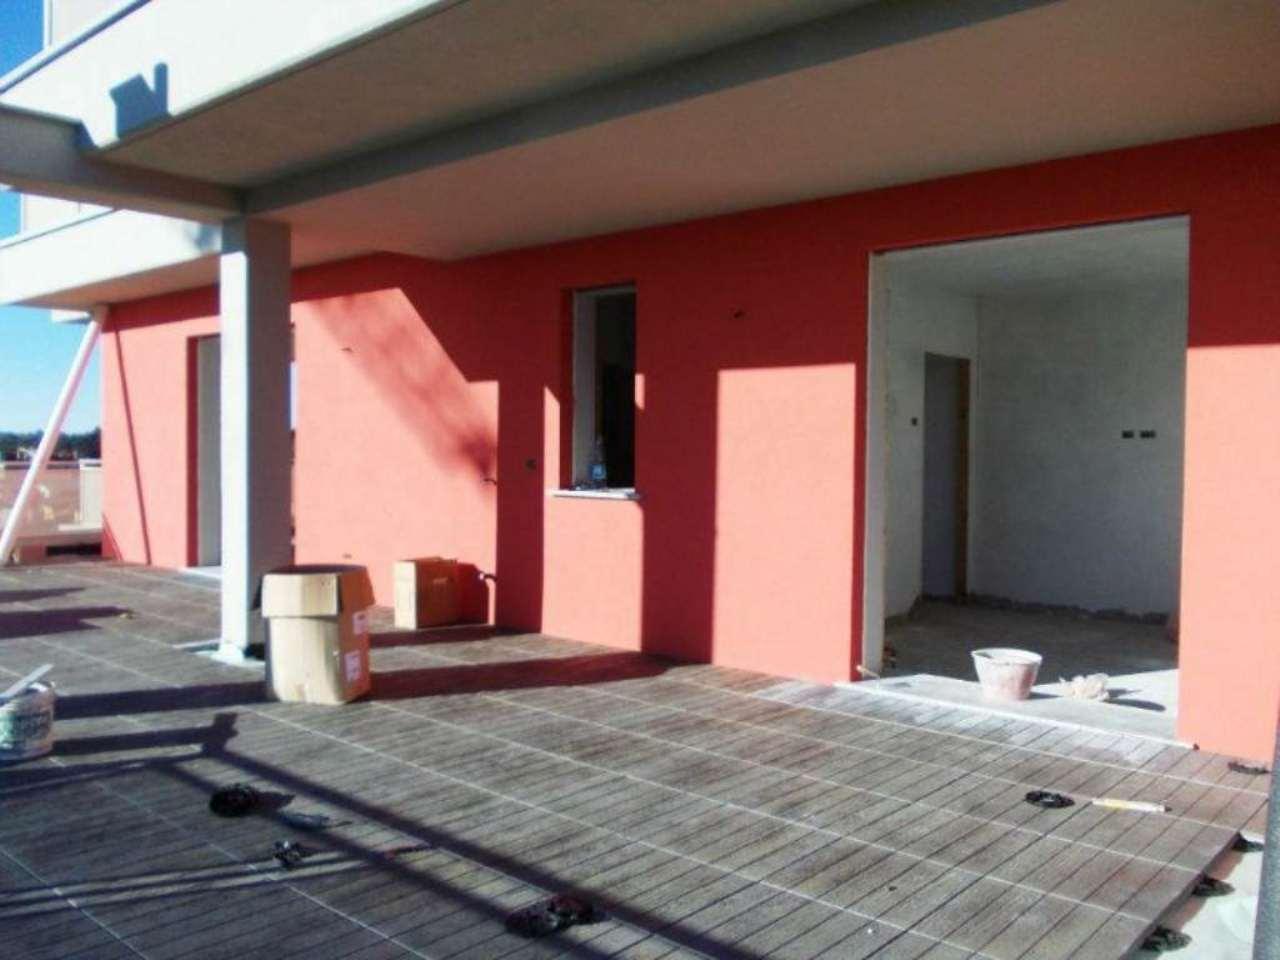 Attico / Mansarda in vendita a Fino Mornasco, 2 locali, prezzo € 270.000 | Cambio Casa.it